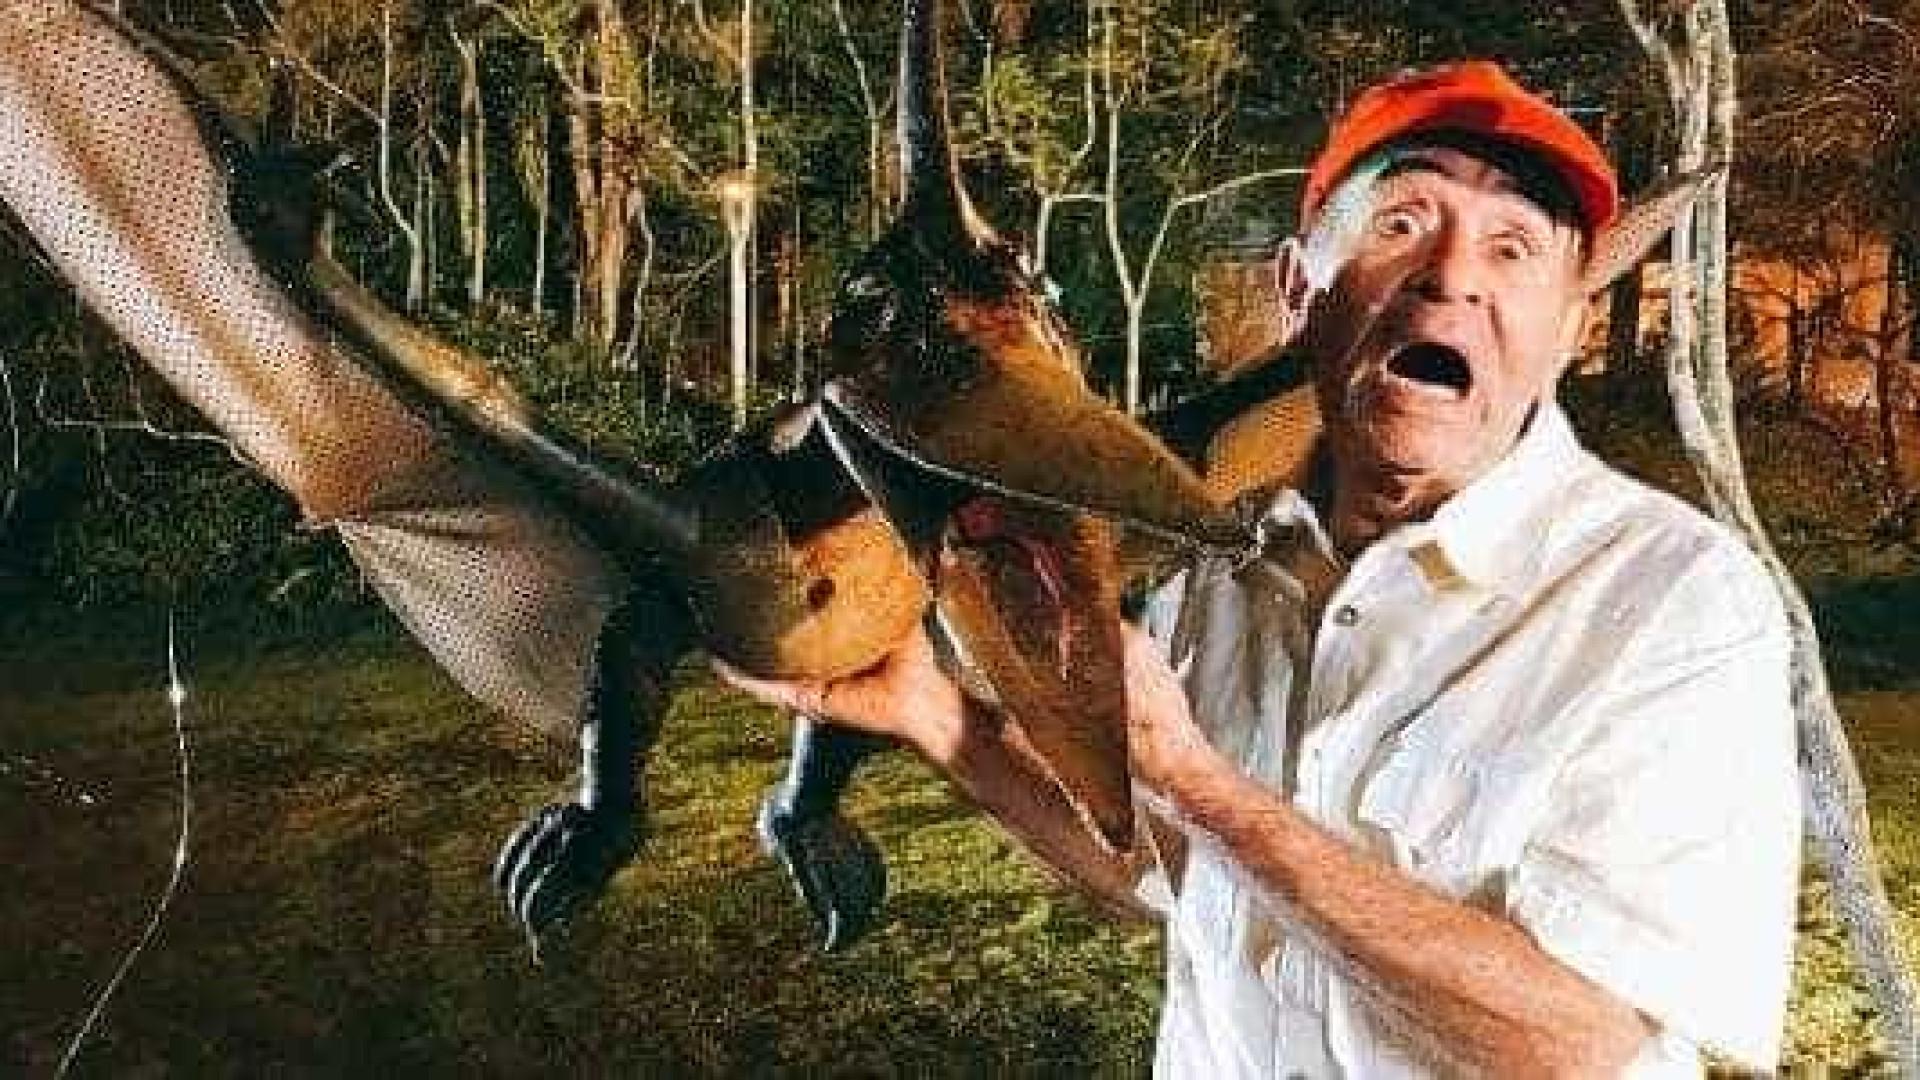 Nova pegadinha de Silvio faz drone de dinossauro voar e assustar